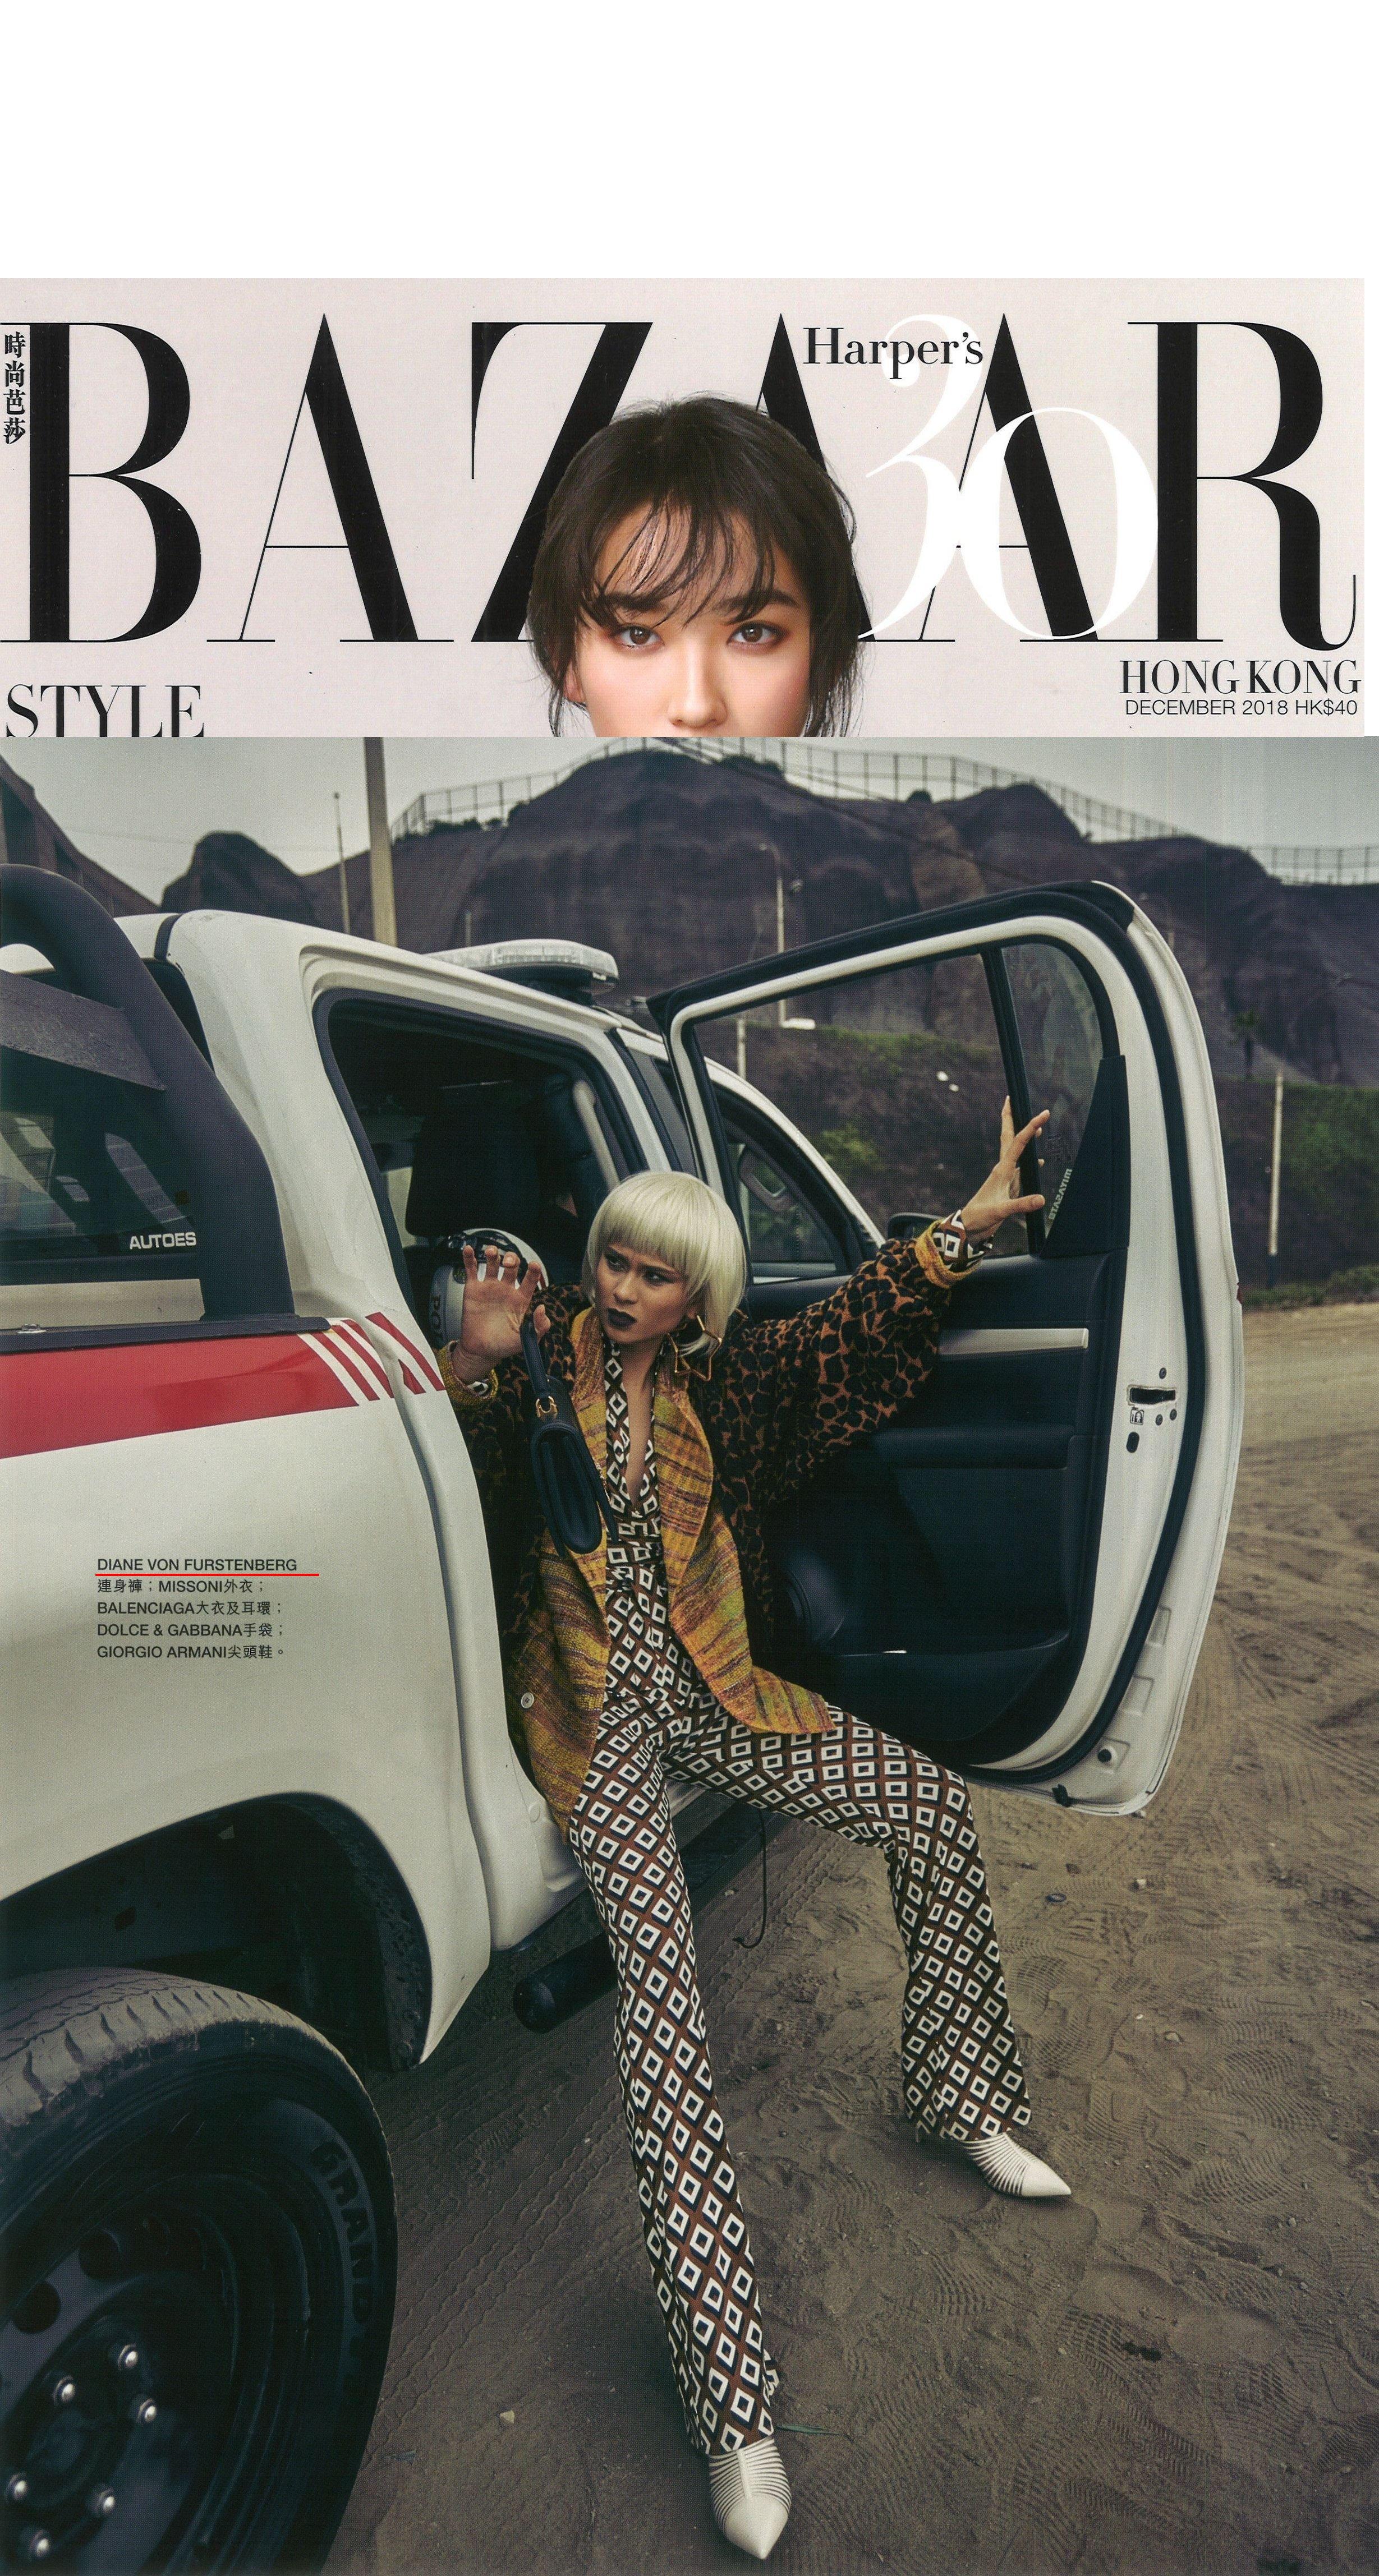 Harper's Bazaar_Dec 18 DVF 3.jpg